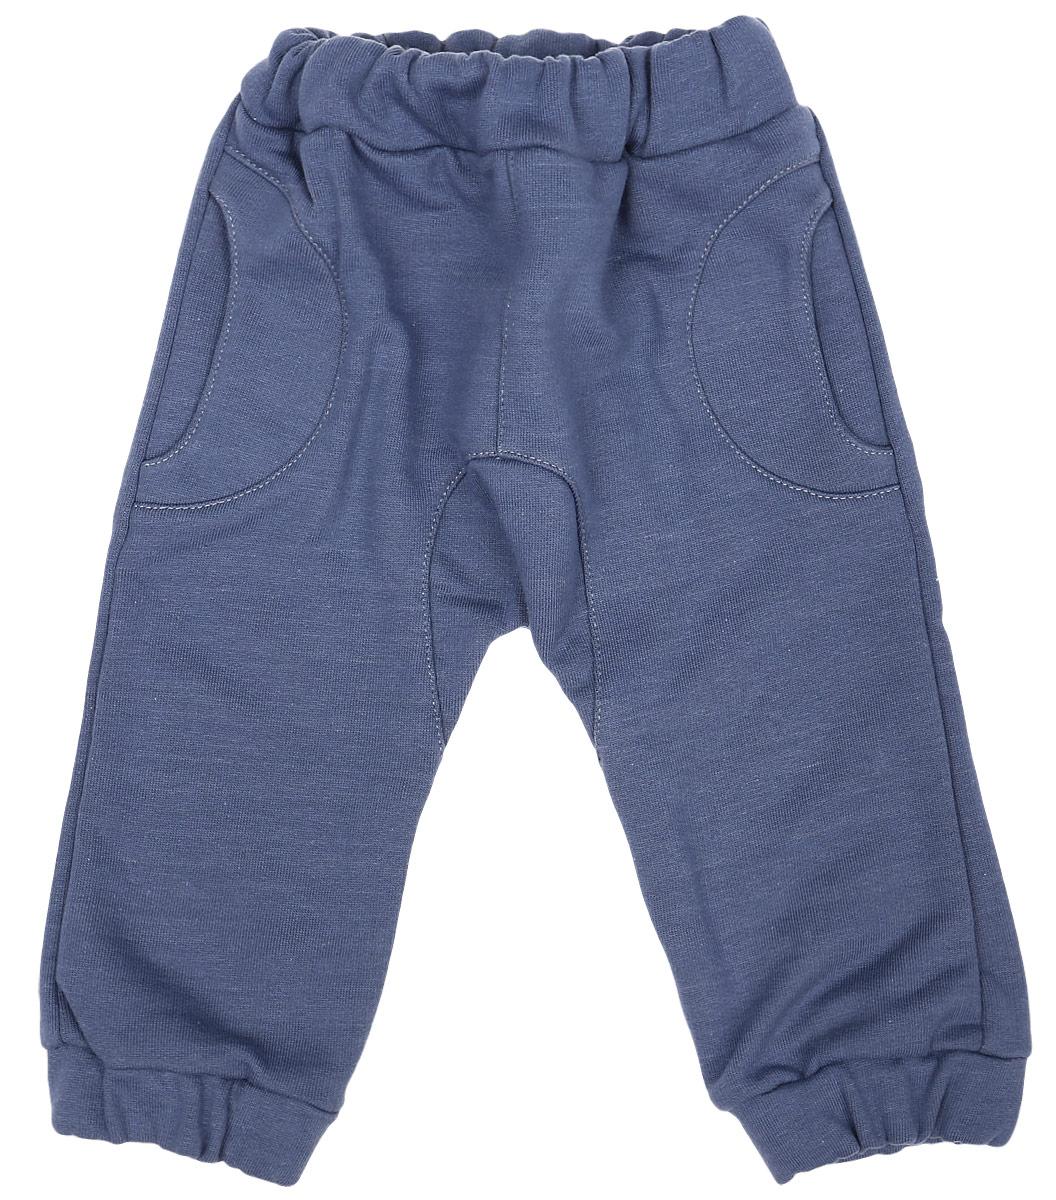 Штанишки для мальчика Клякса, цвет: серо-синий. 22-. Размер 6222-Штанишки для мальчика Клякса изготовлены из натурального хлопка. Изнаночная сторона модели с небольшими петельками. Штанишки имеют эластичный пояс. Низ брючин собран на резинки. Спереди расположены два втачных кармашка.